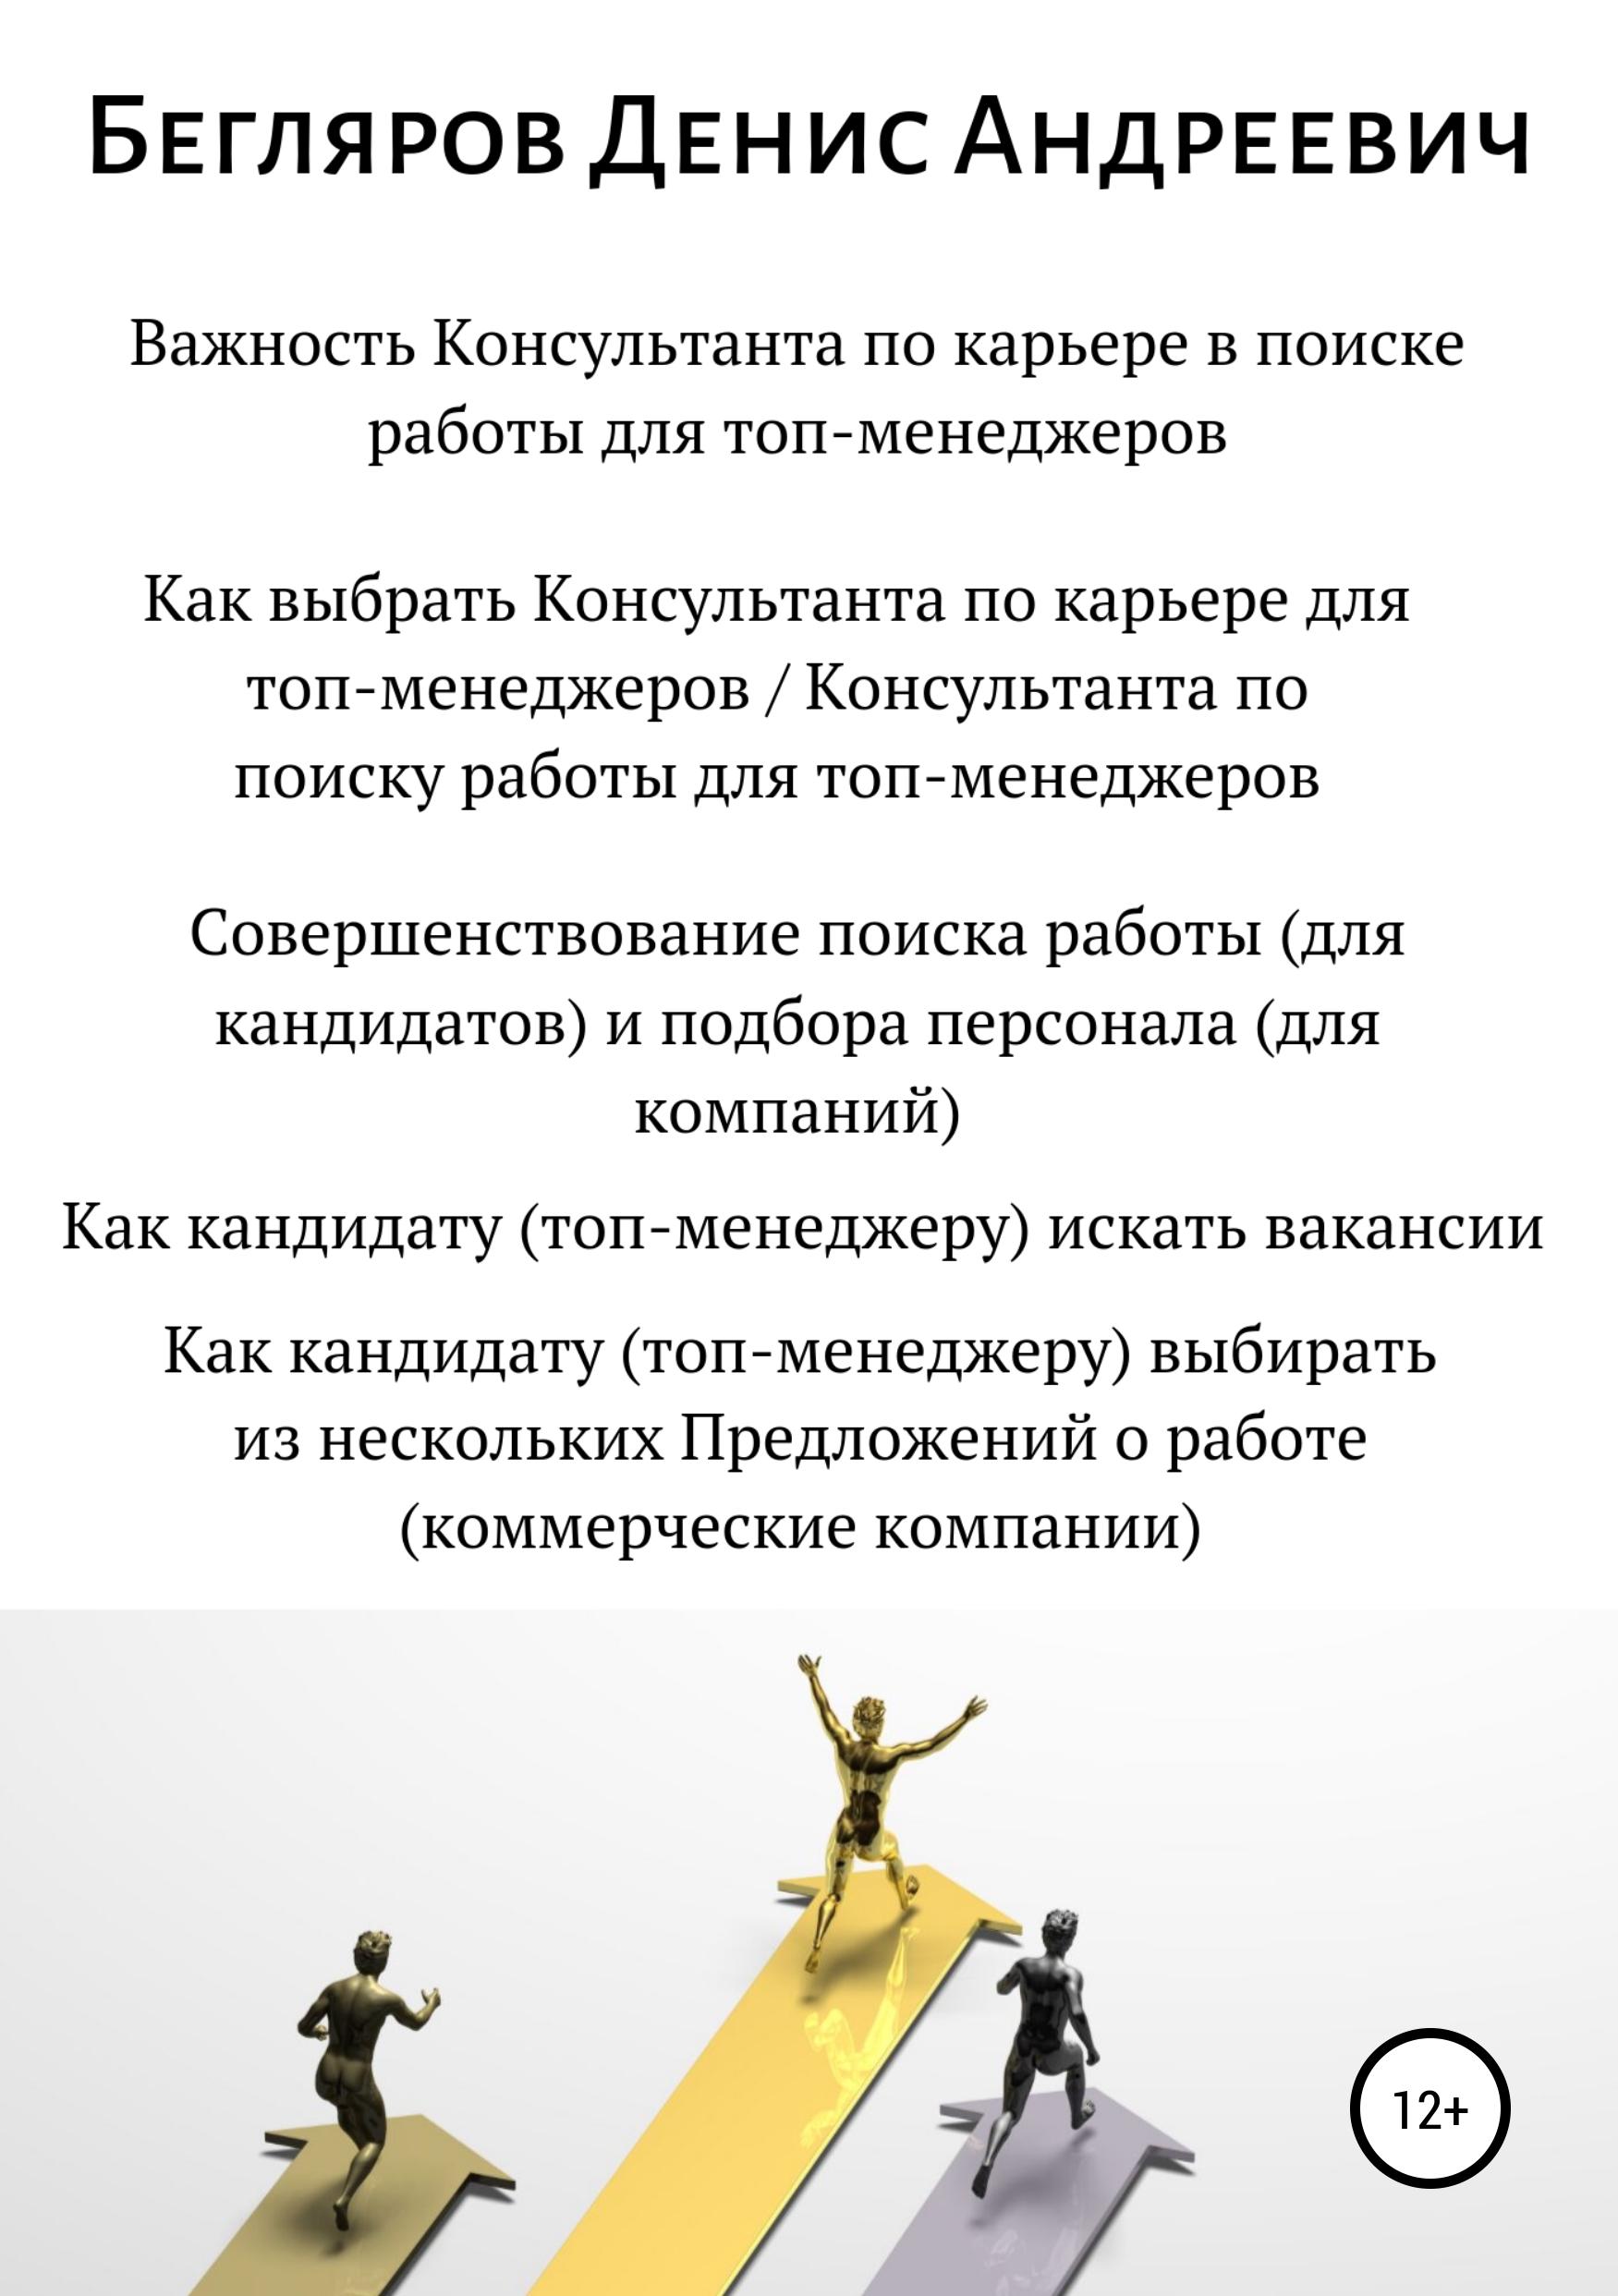 Денис Андреевич Бегляров Важность Консультанта по карьере в поиске работы для топ-менеджеров. Совершенствование поиска работы для топ-менеджеров авиакомпании вакансии